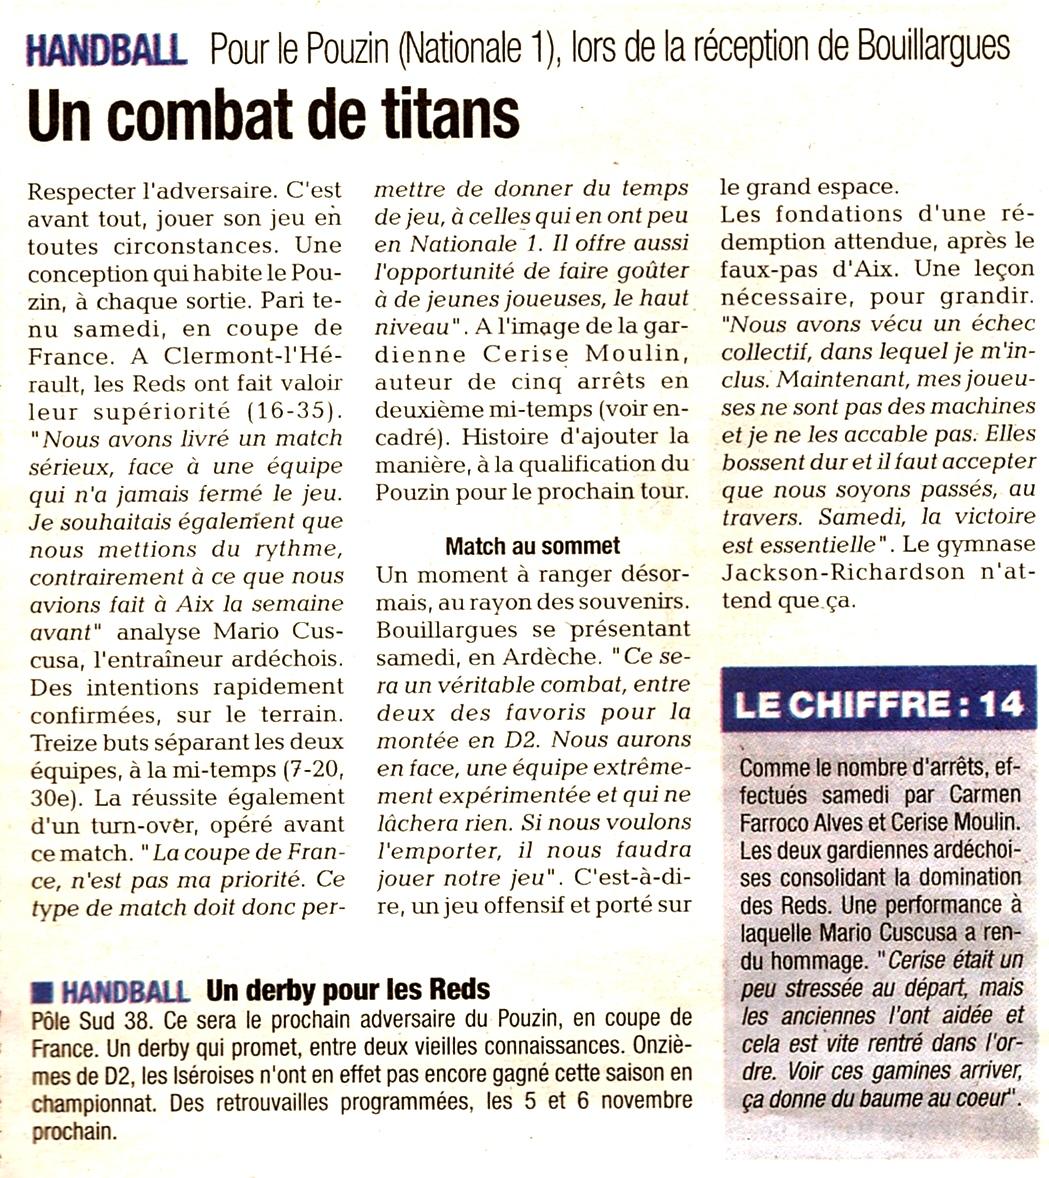 Tribune20161013 1